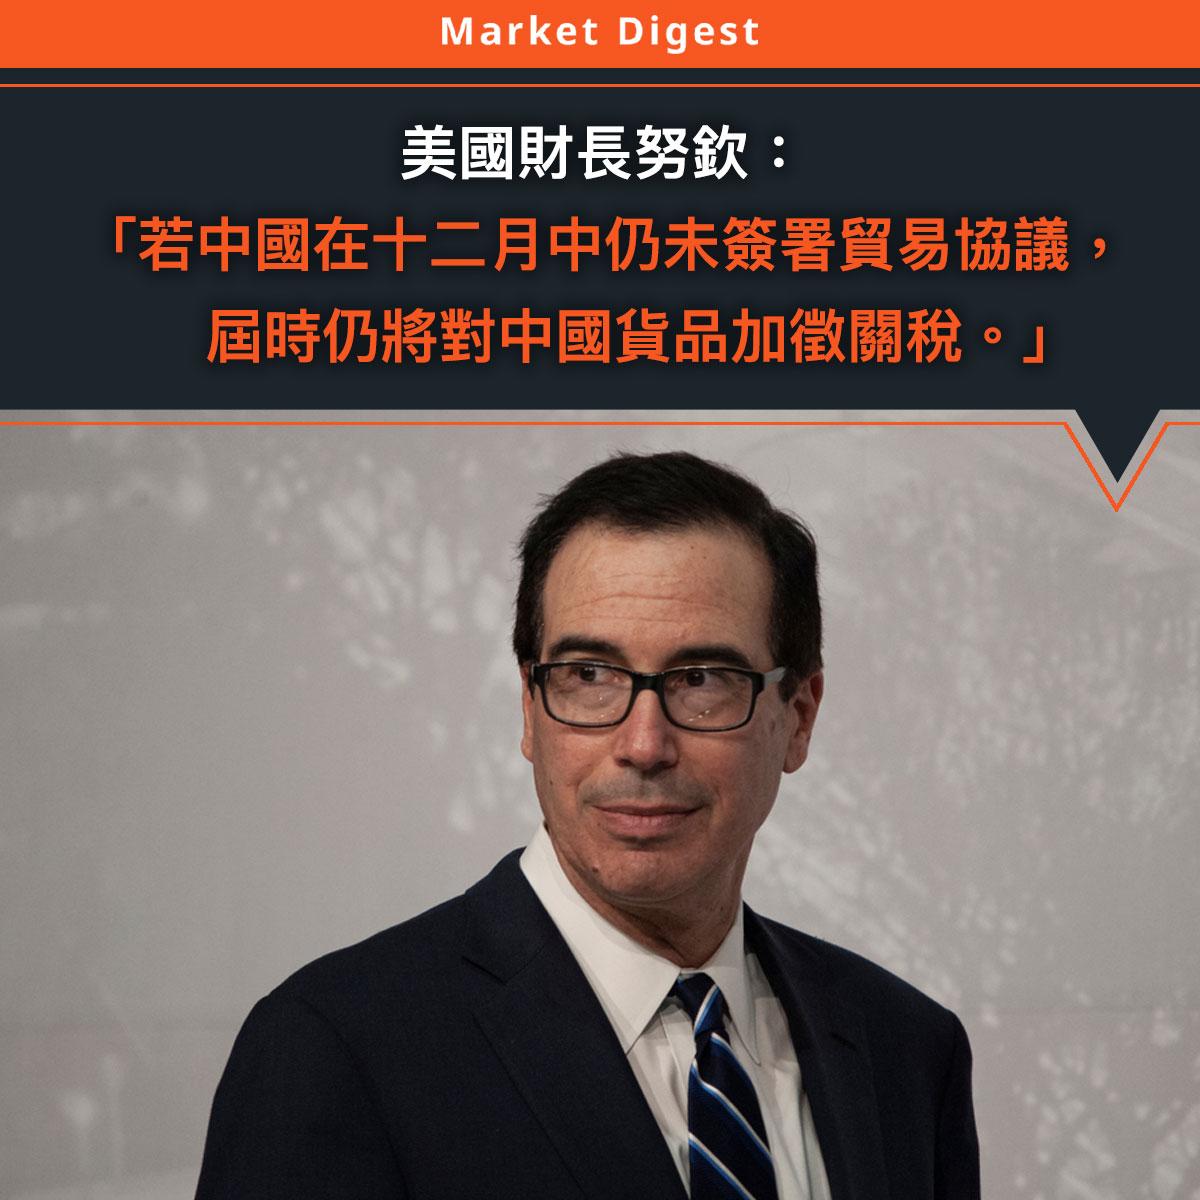 【中美貿易戰】美國財長努欽: 「若中國在十二月中仍未簽署貿易協議,屆時仍將對中國貨品加徵關稅。」